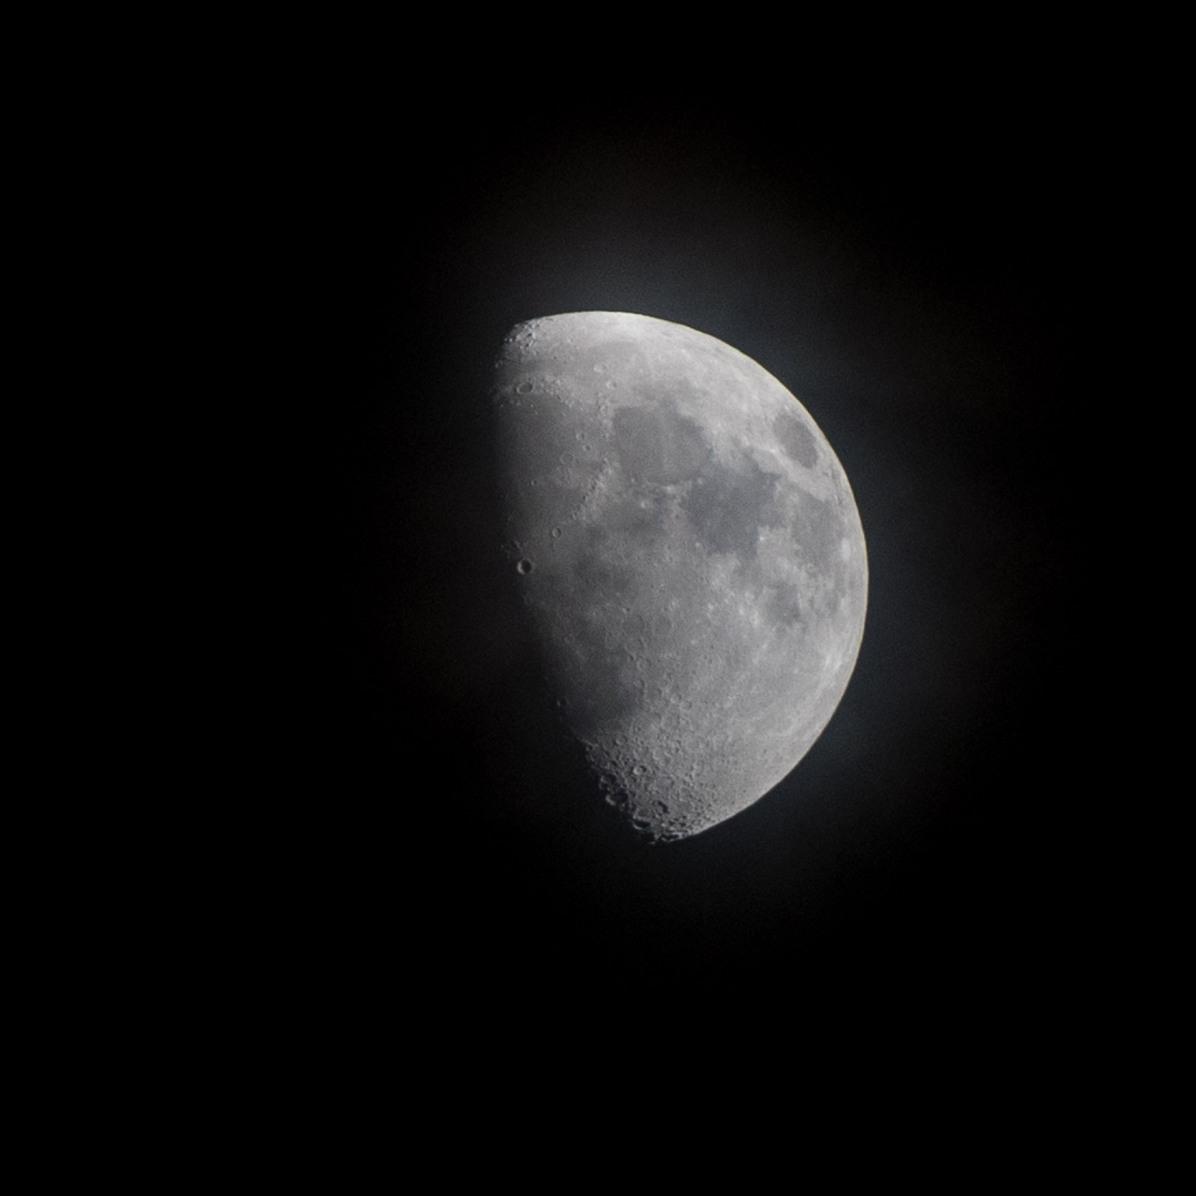 15-03-2019 Tijdstip 20.06 Maanopkomst 11.40 Maanondergang 03.21 (Maan 25) Muzieknummer van dag 25: Hijo de la Luna van Mecano, liefst te beluisteren tijdens een zwoele zomeravond met een 🍹 Heidi Blankenburgh en Liselotte Maes